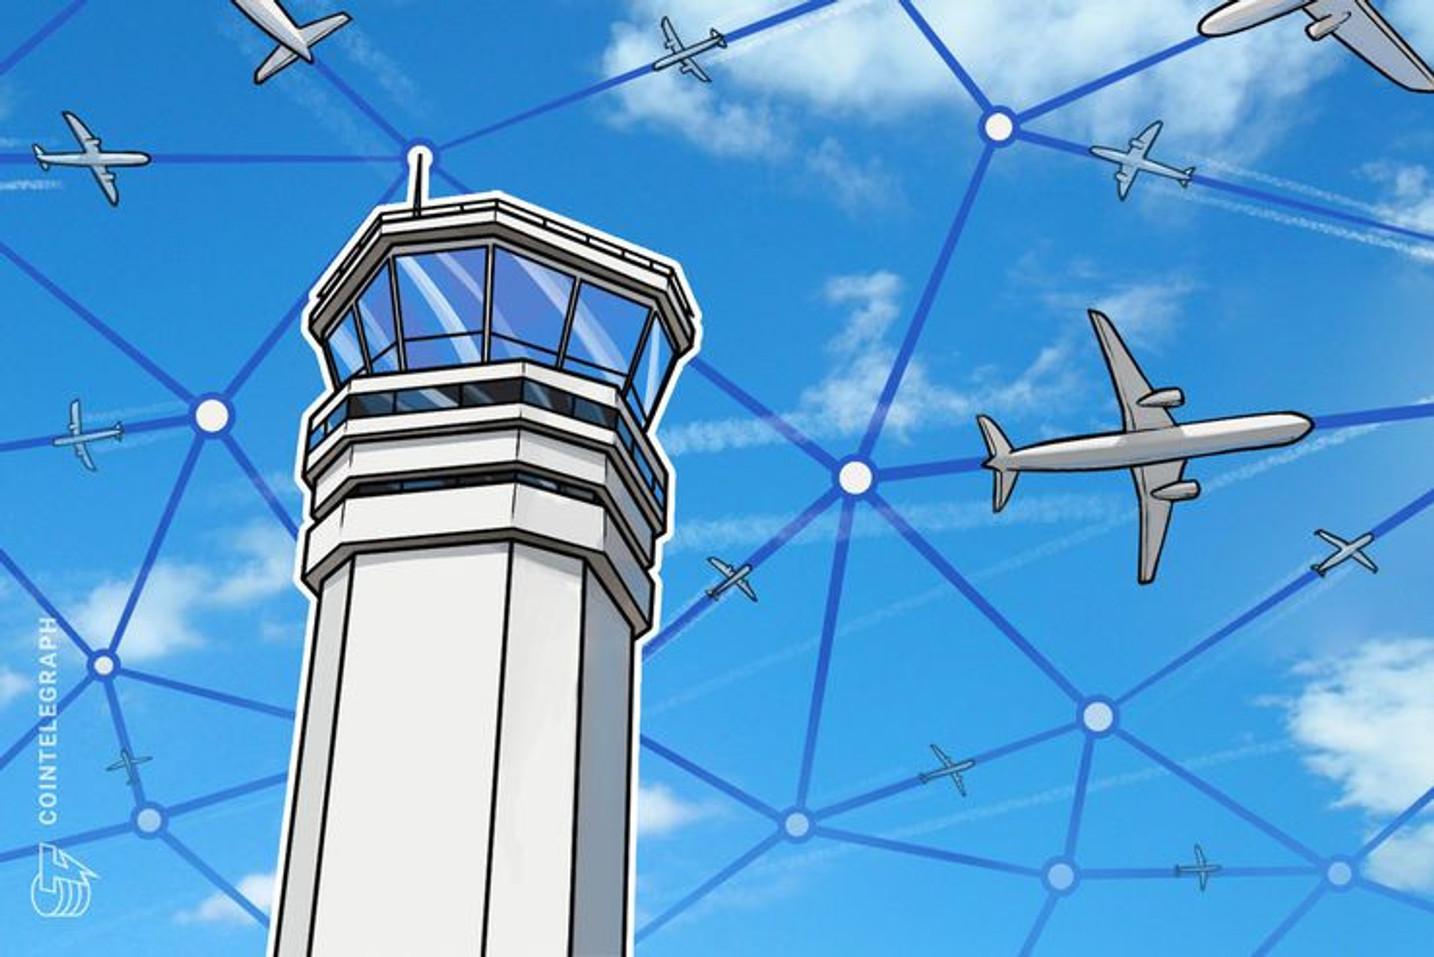 Latam pode em breve rastrear peças de aeronaves usando blockchain no Brasil